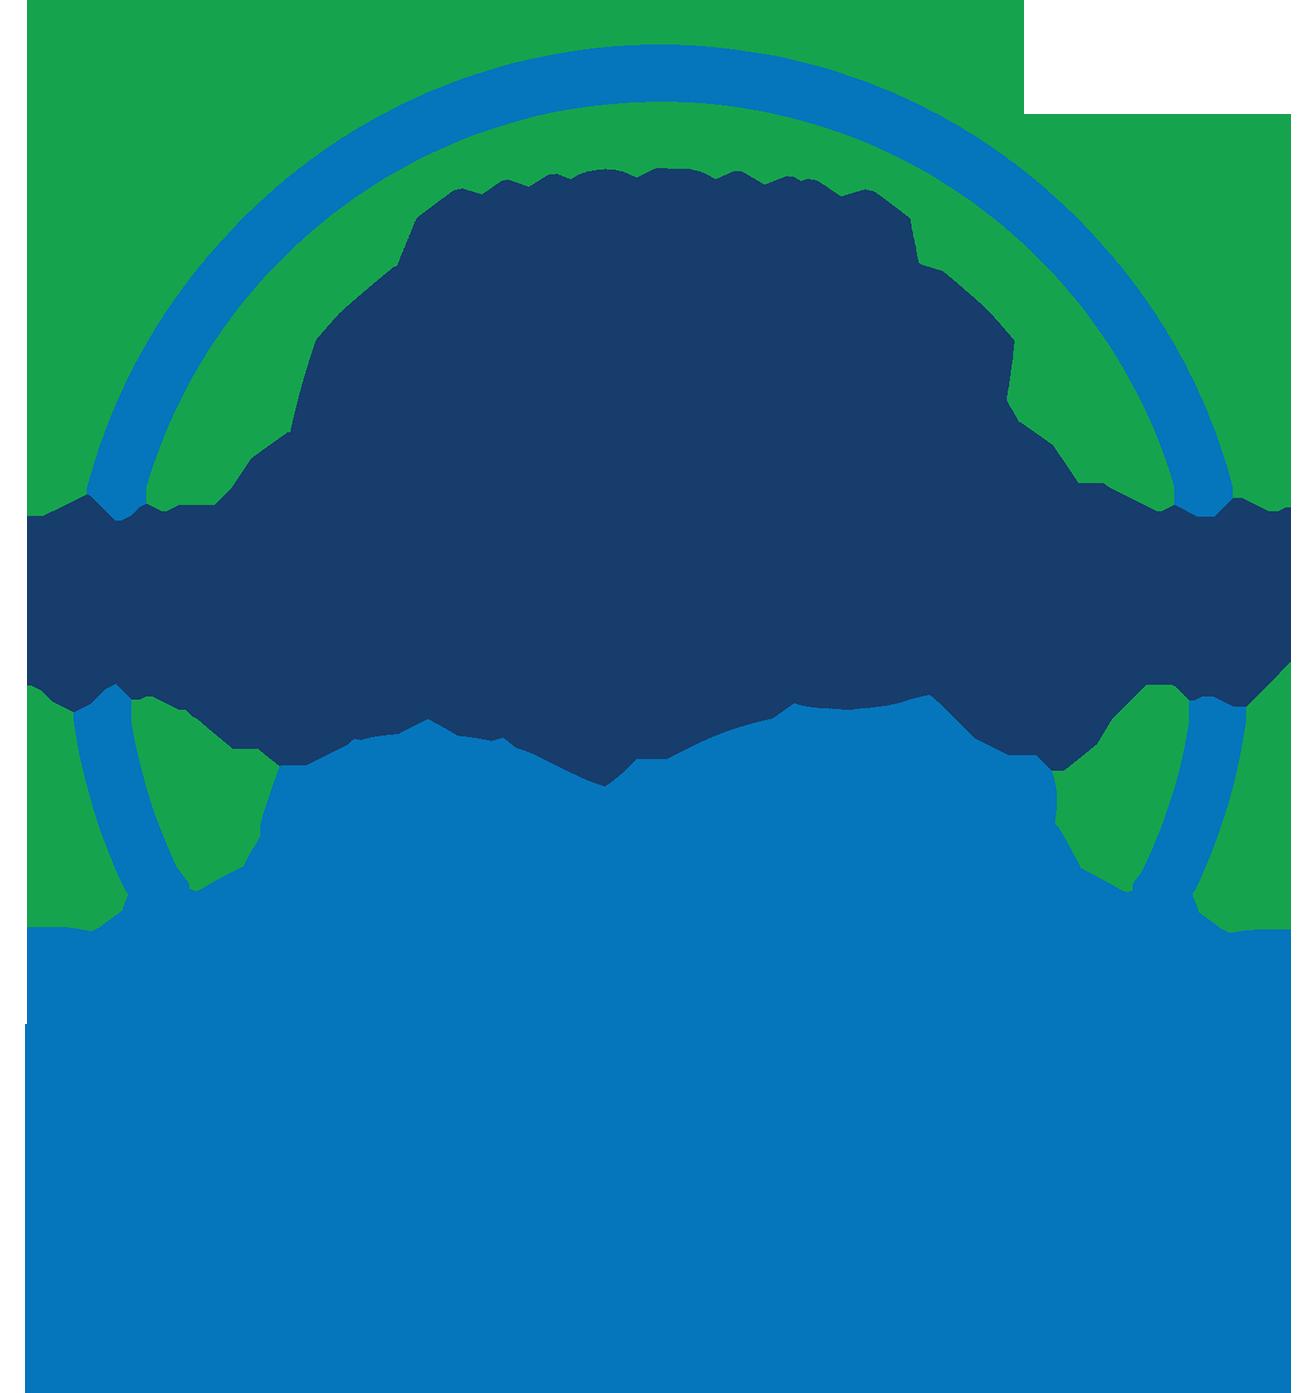 WODNY PARK HANDLOWY